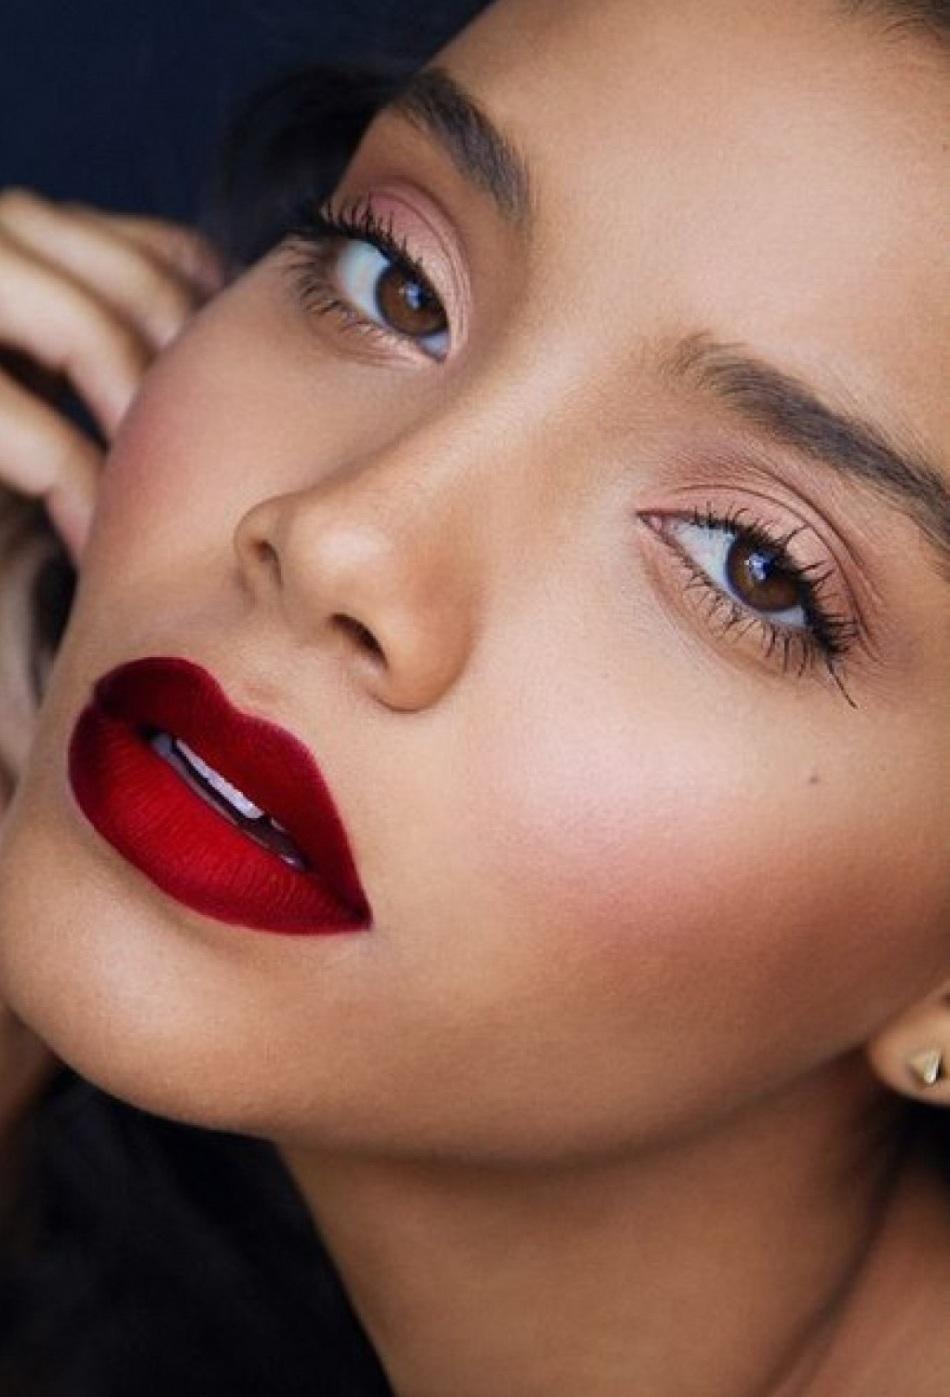 Чем темнее кожа, тем ярче можно использовать помаду в макияже для губ